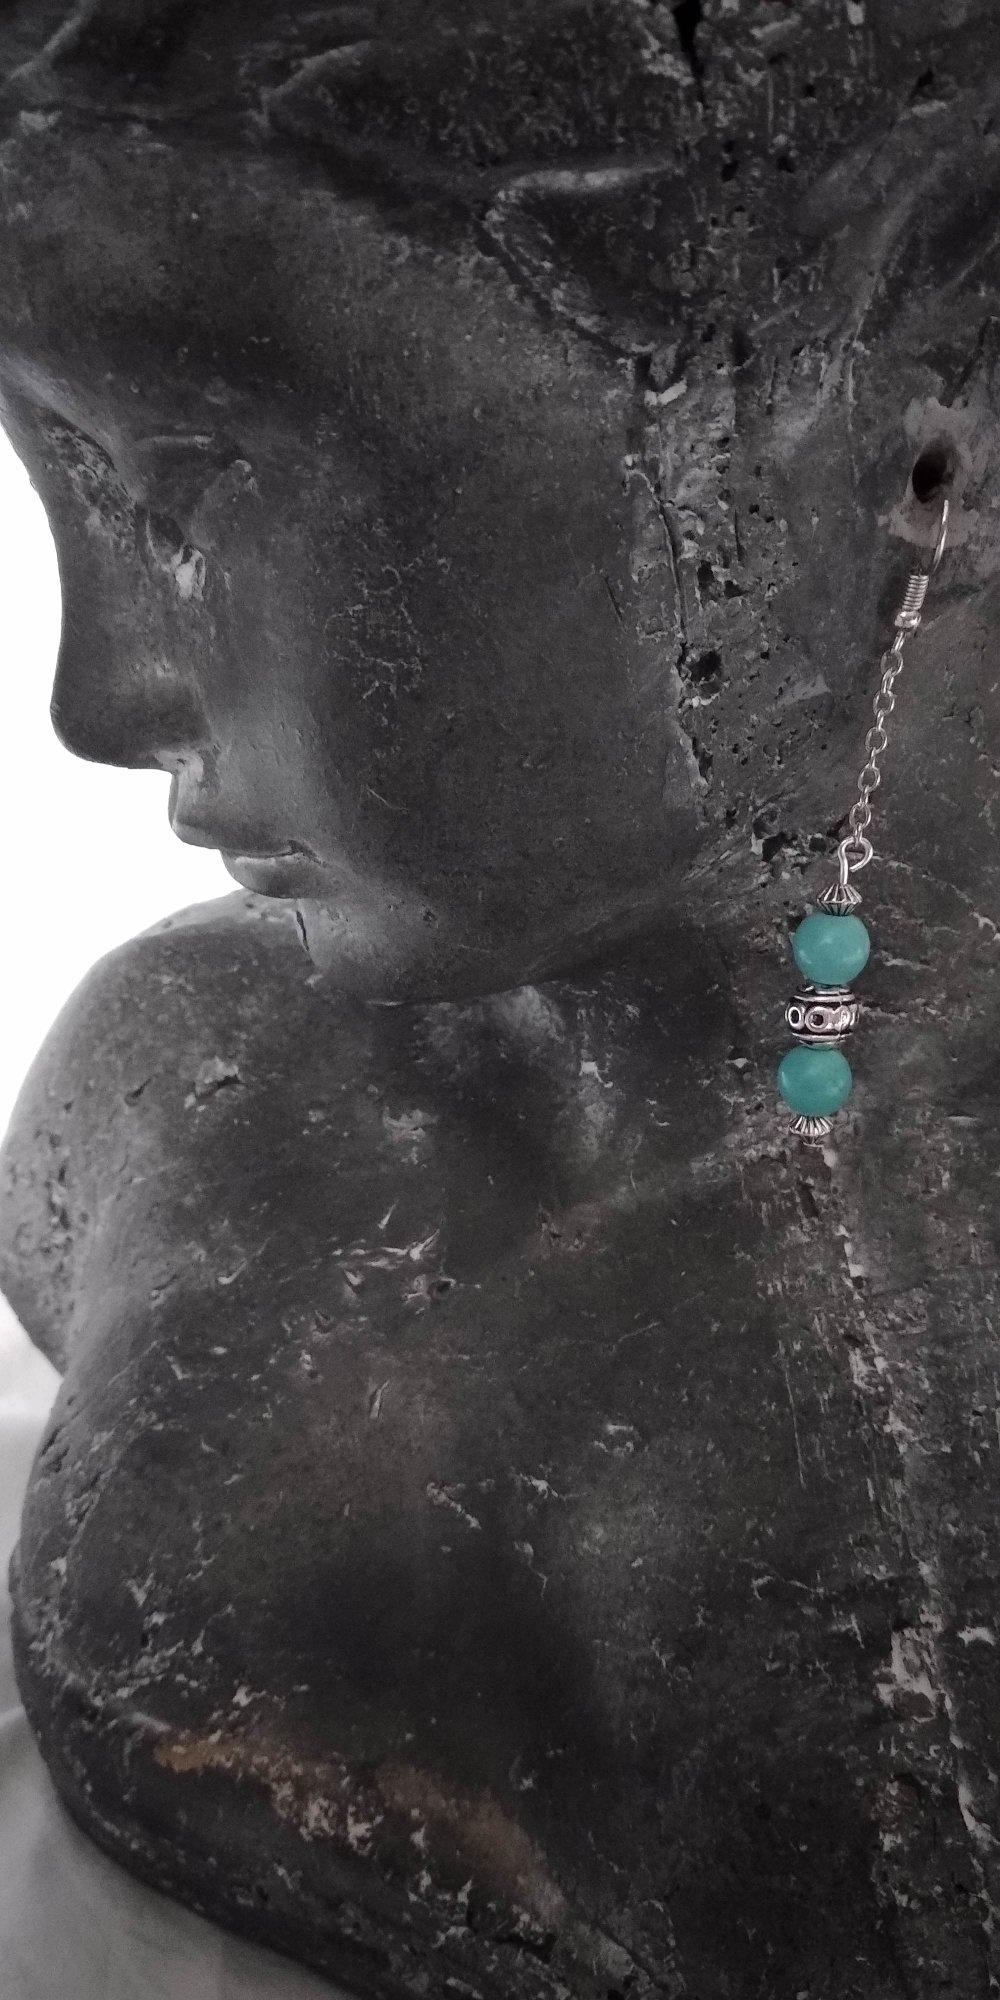 boucle d'oreille pendante en métal argenté avec pierre howlite